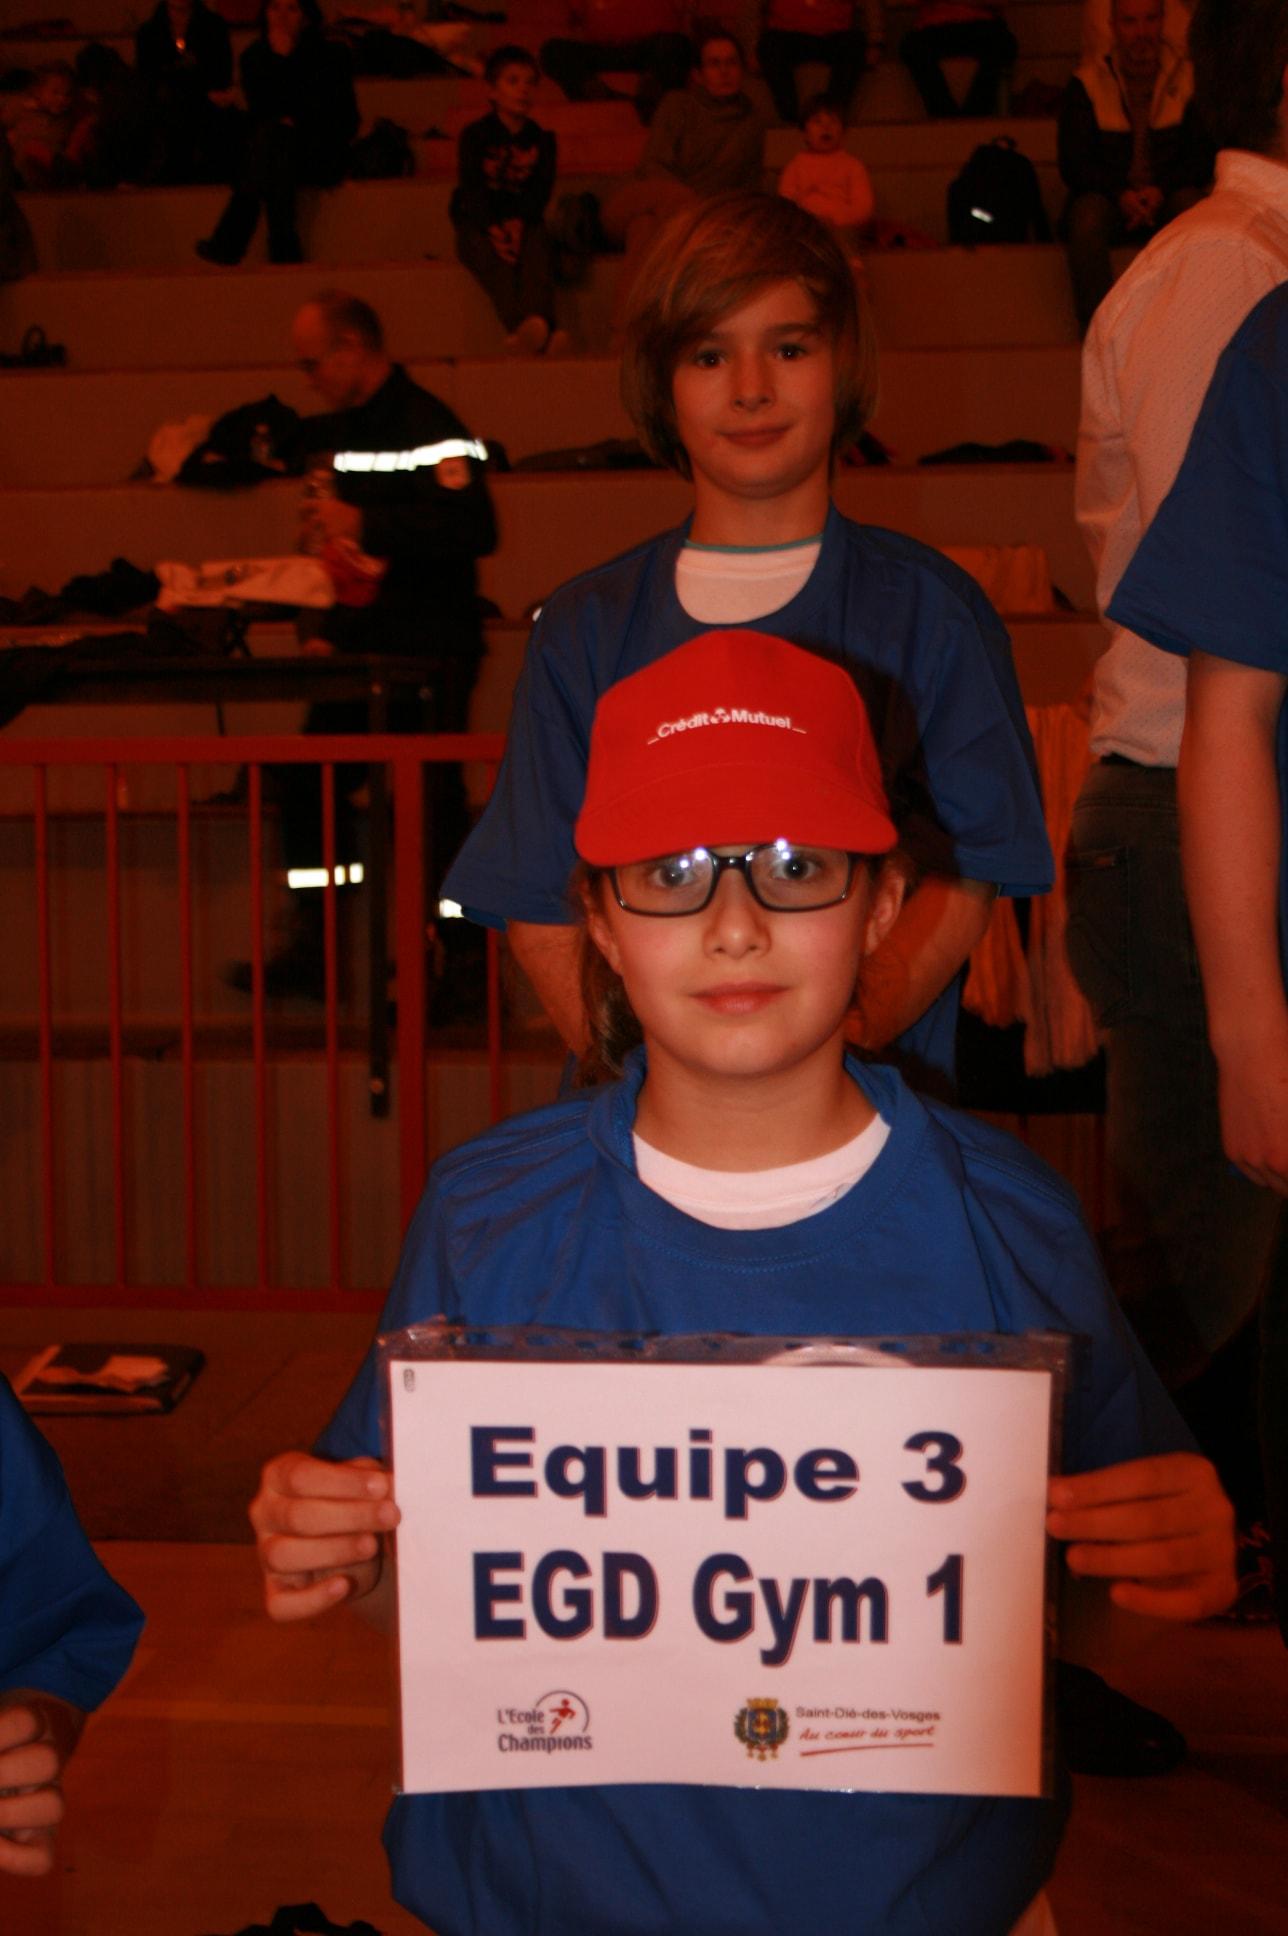 Finalistes EGD Gym 1